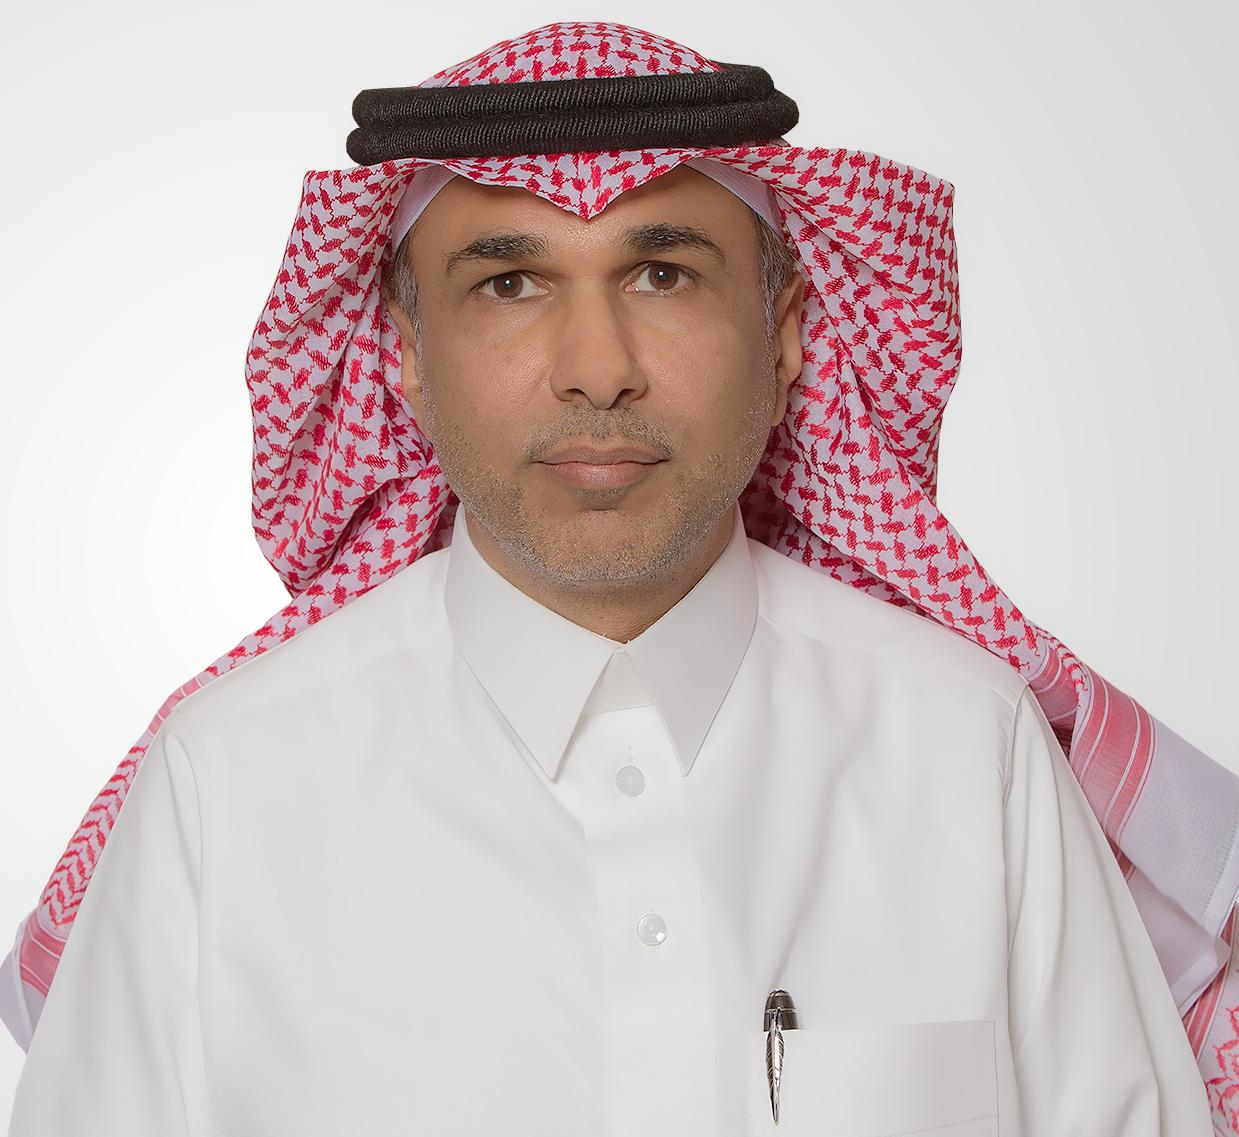 صورة الرئيس المهندس ناصر الناصر